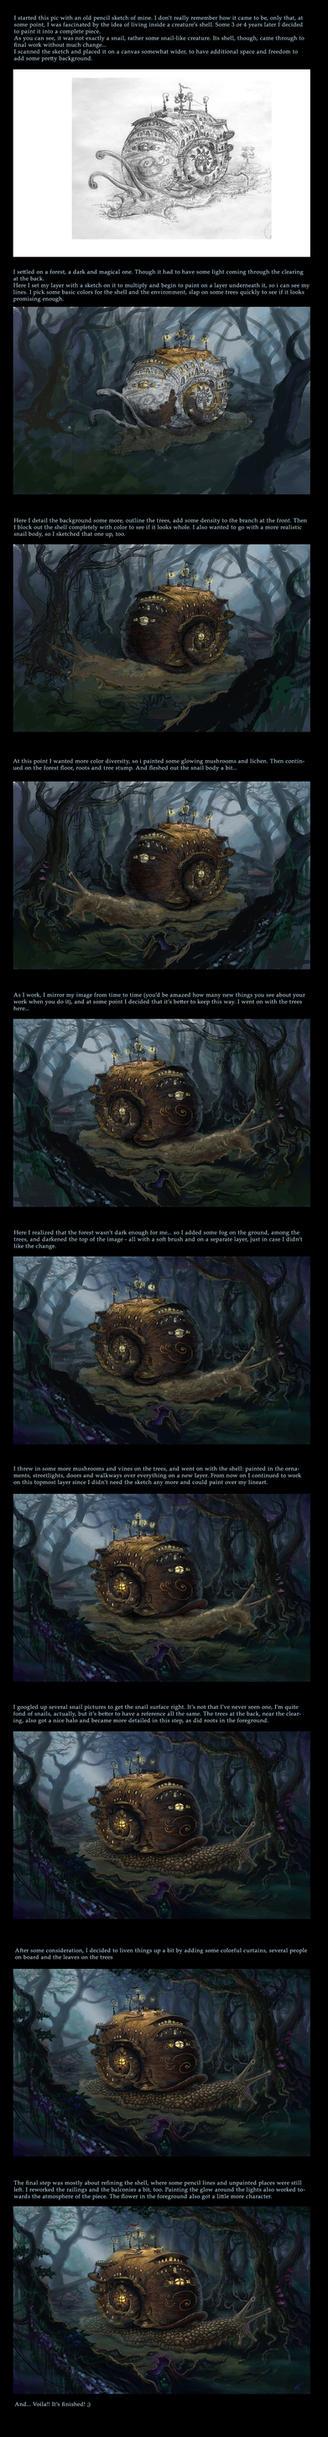 Dendrophagus Colossus - Walkthrough by Edarneor